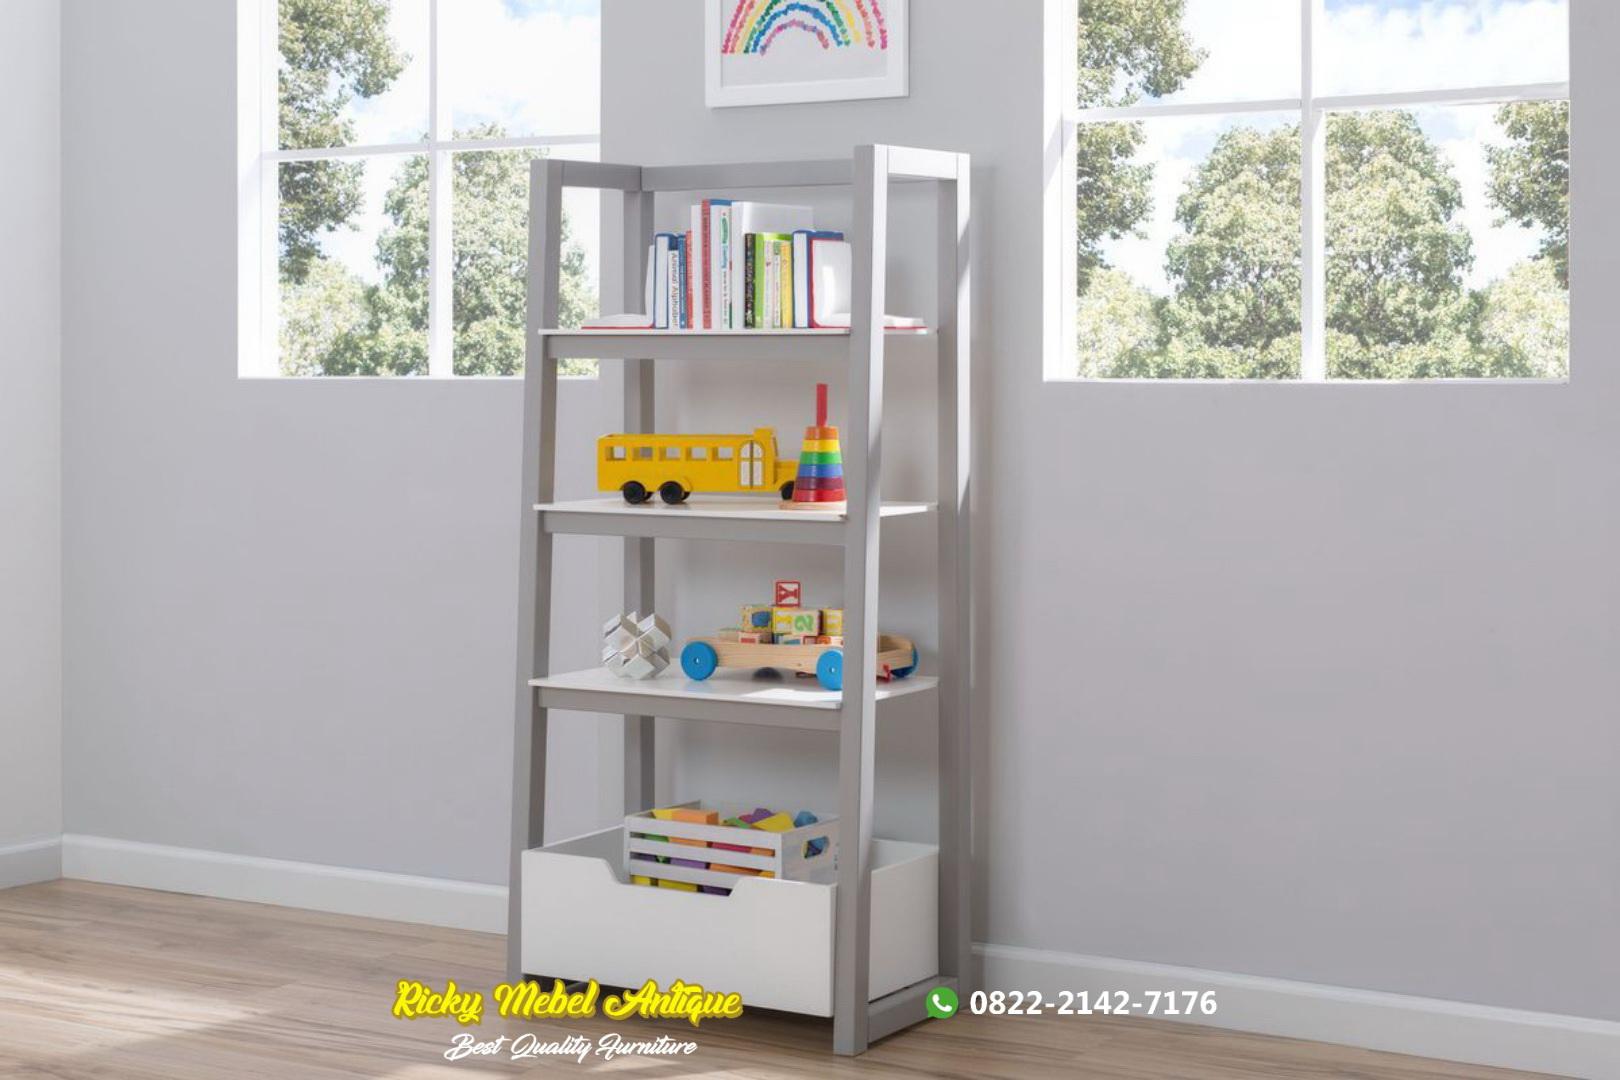 ak buku anak desain minimalis